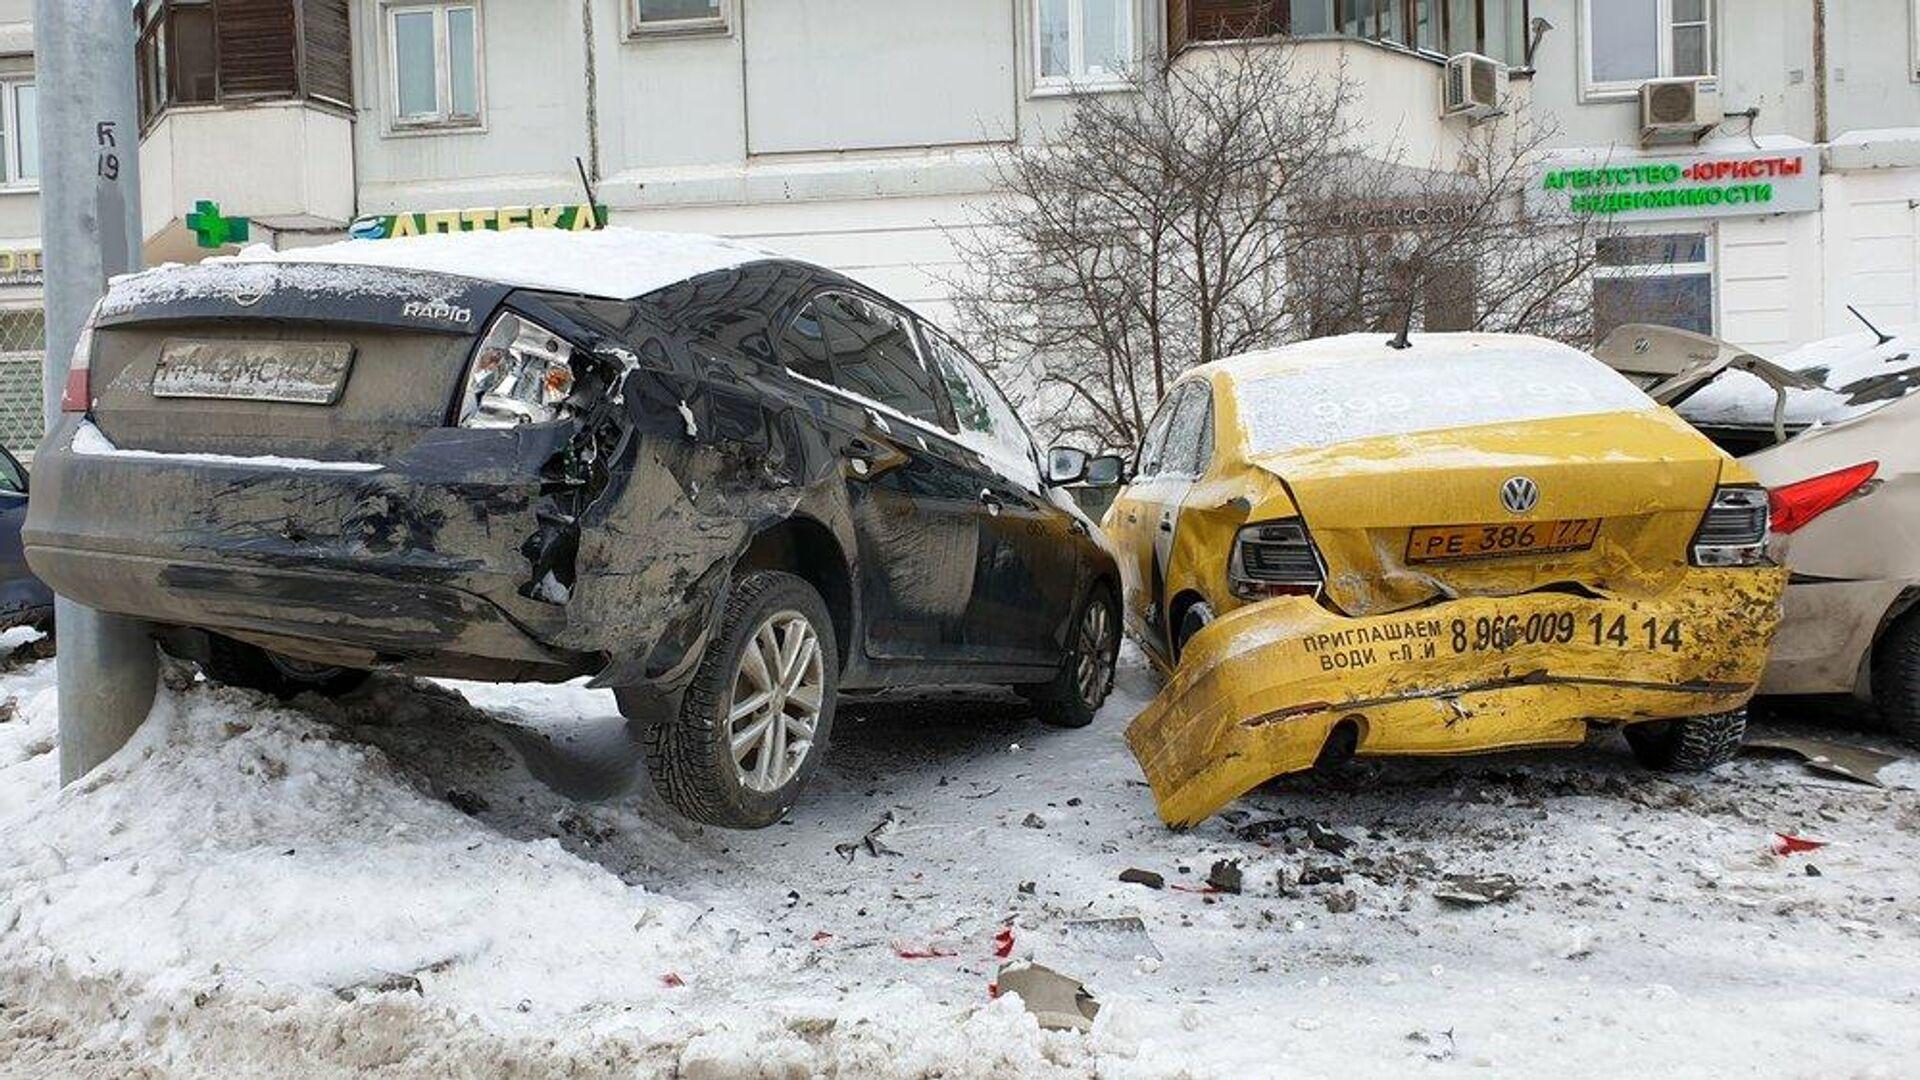 Последствия ДТП с участием четырех автомобилей в районе д. 2 на улице Дубнинская - РИА Новости, 1920, 08.03.2021